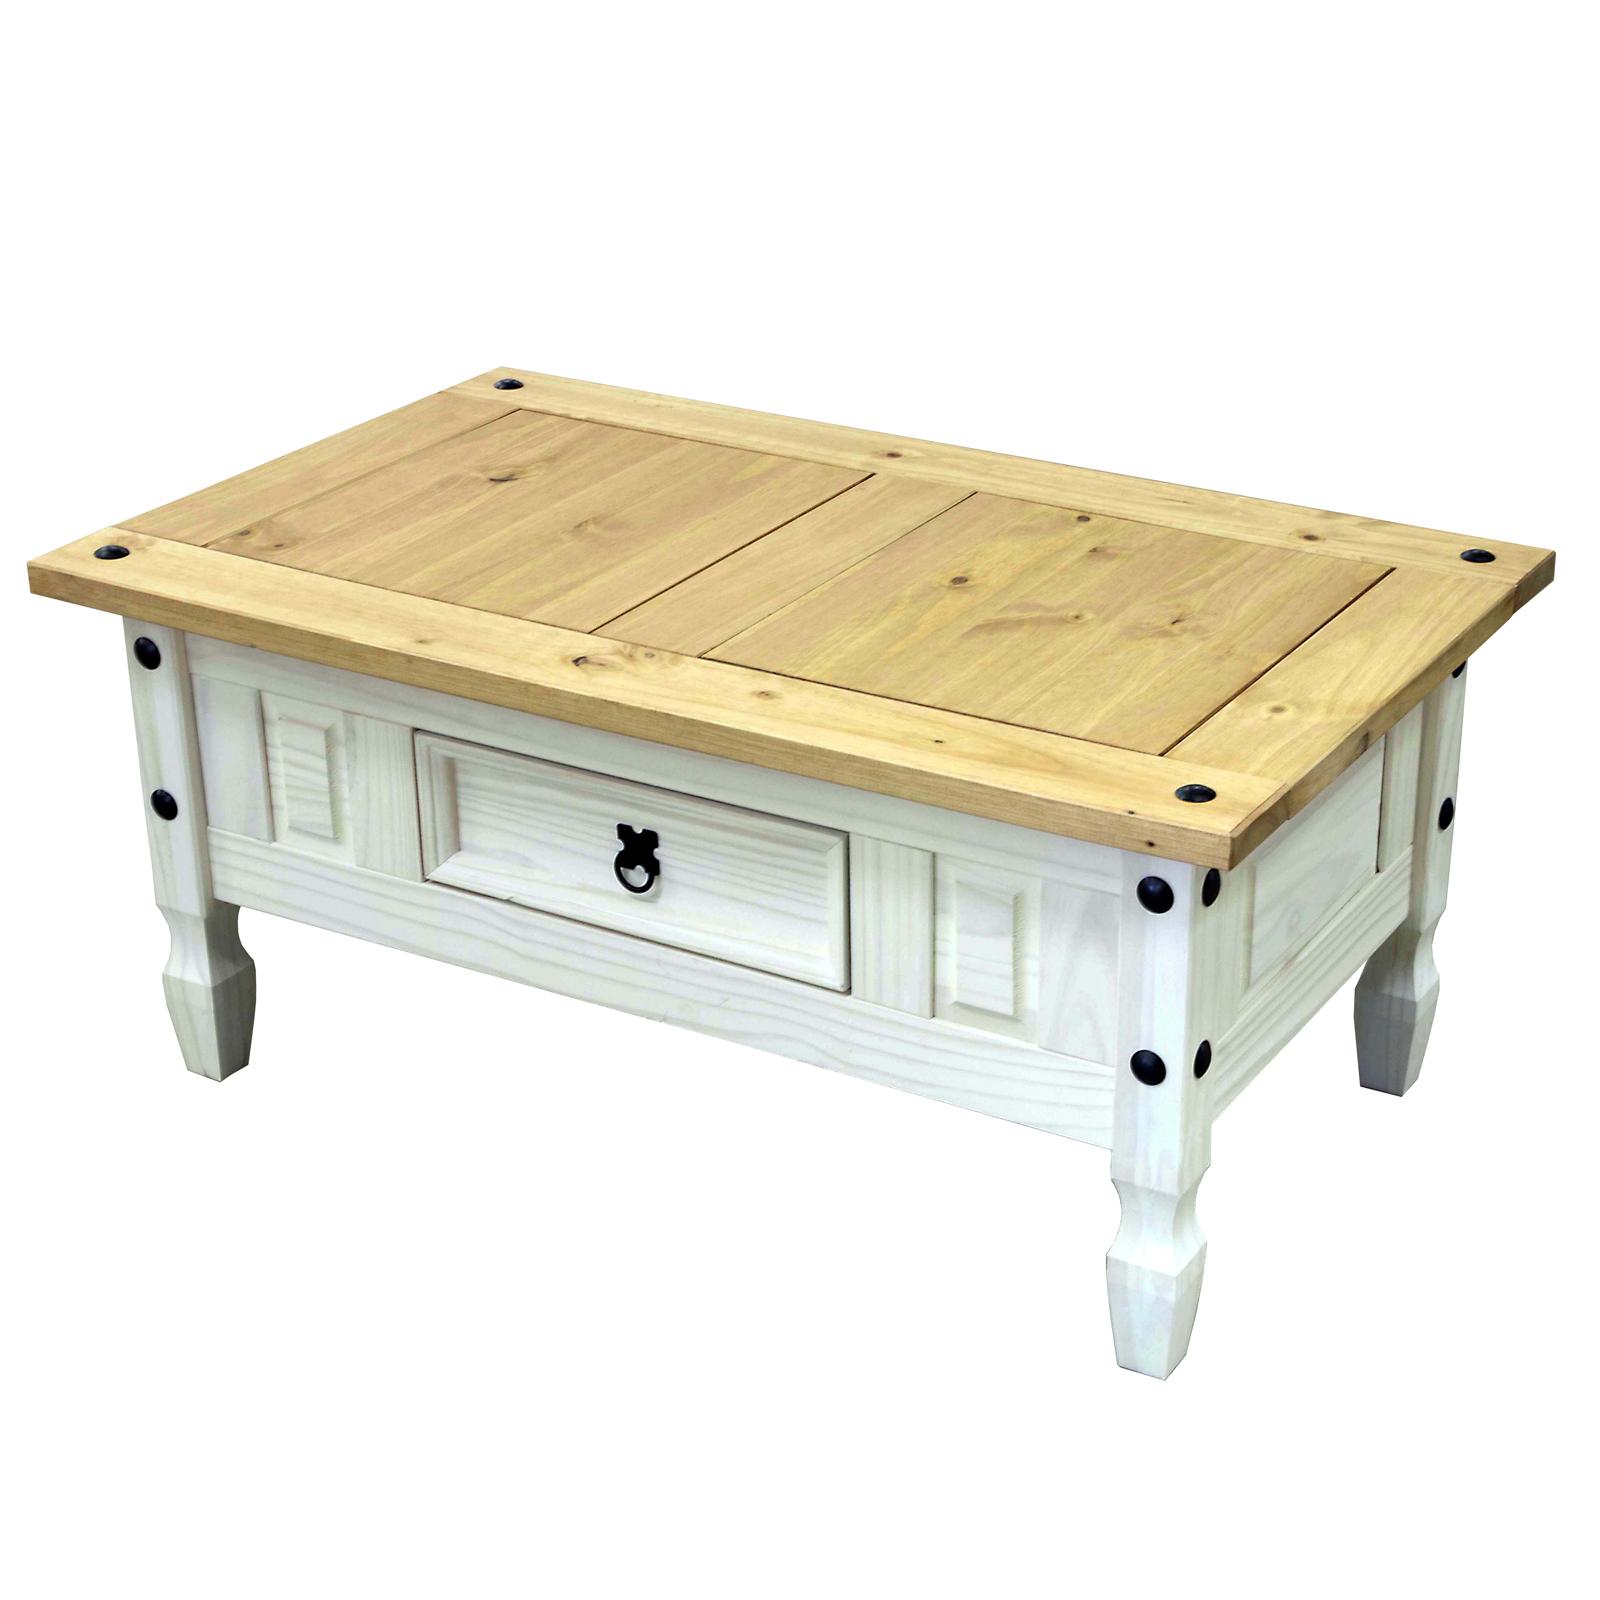 couchtisch corona wohnzimmertisch in pinie massiv honigfarben wei gewachst ebay. Black Bedroom Furniture Sets. Home Design Ideas